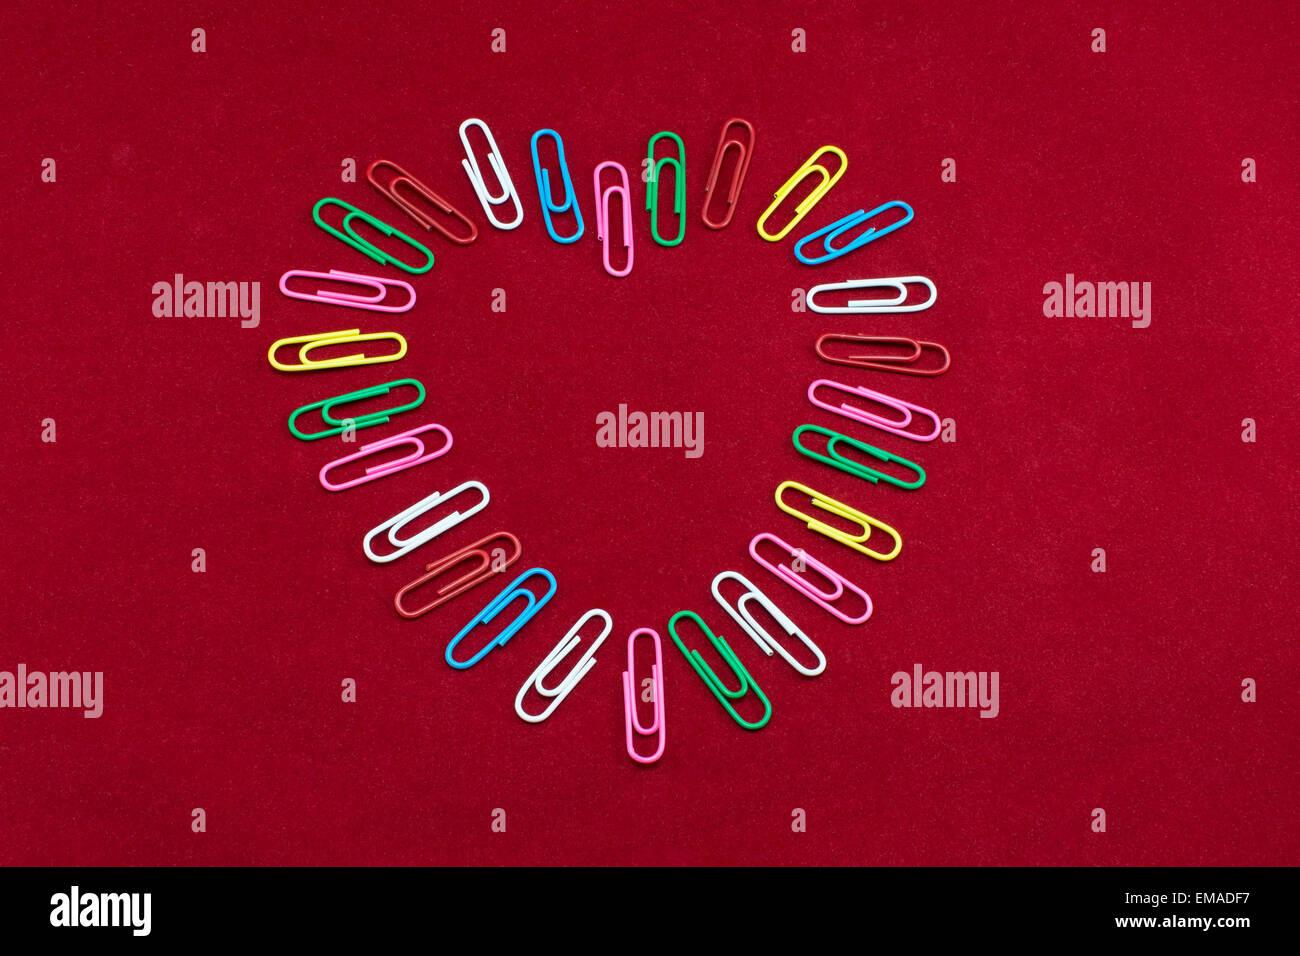 Carta colorata graffe disposte per formare la forma di un cuore. Foto Stock